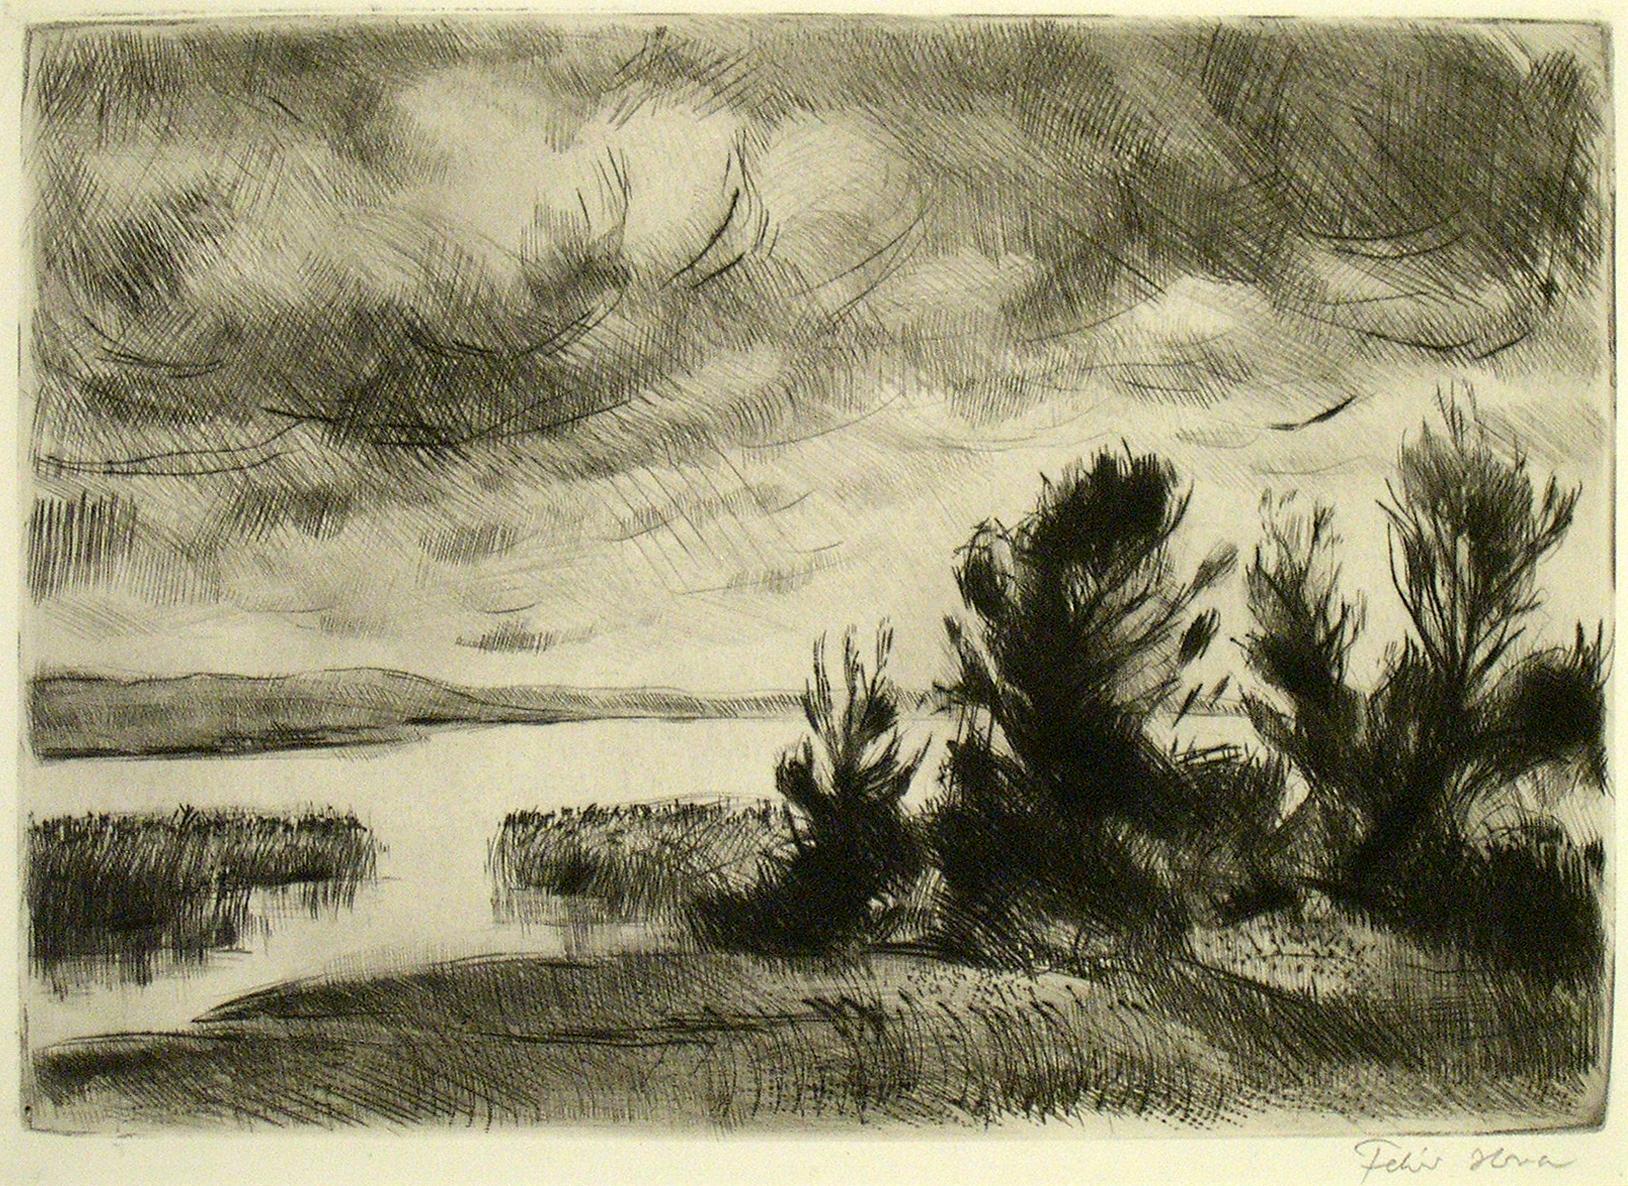 72-152kn.jpg (1628×1186)